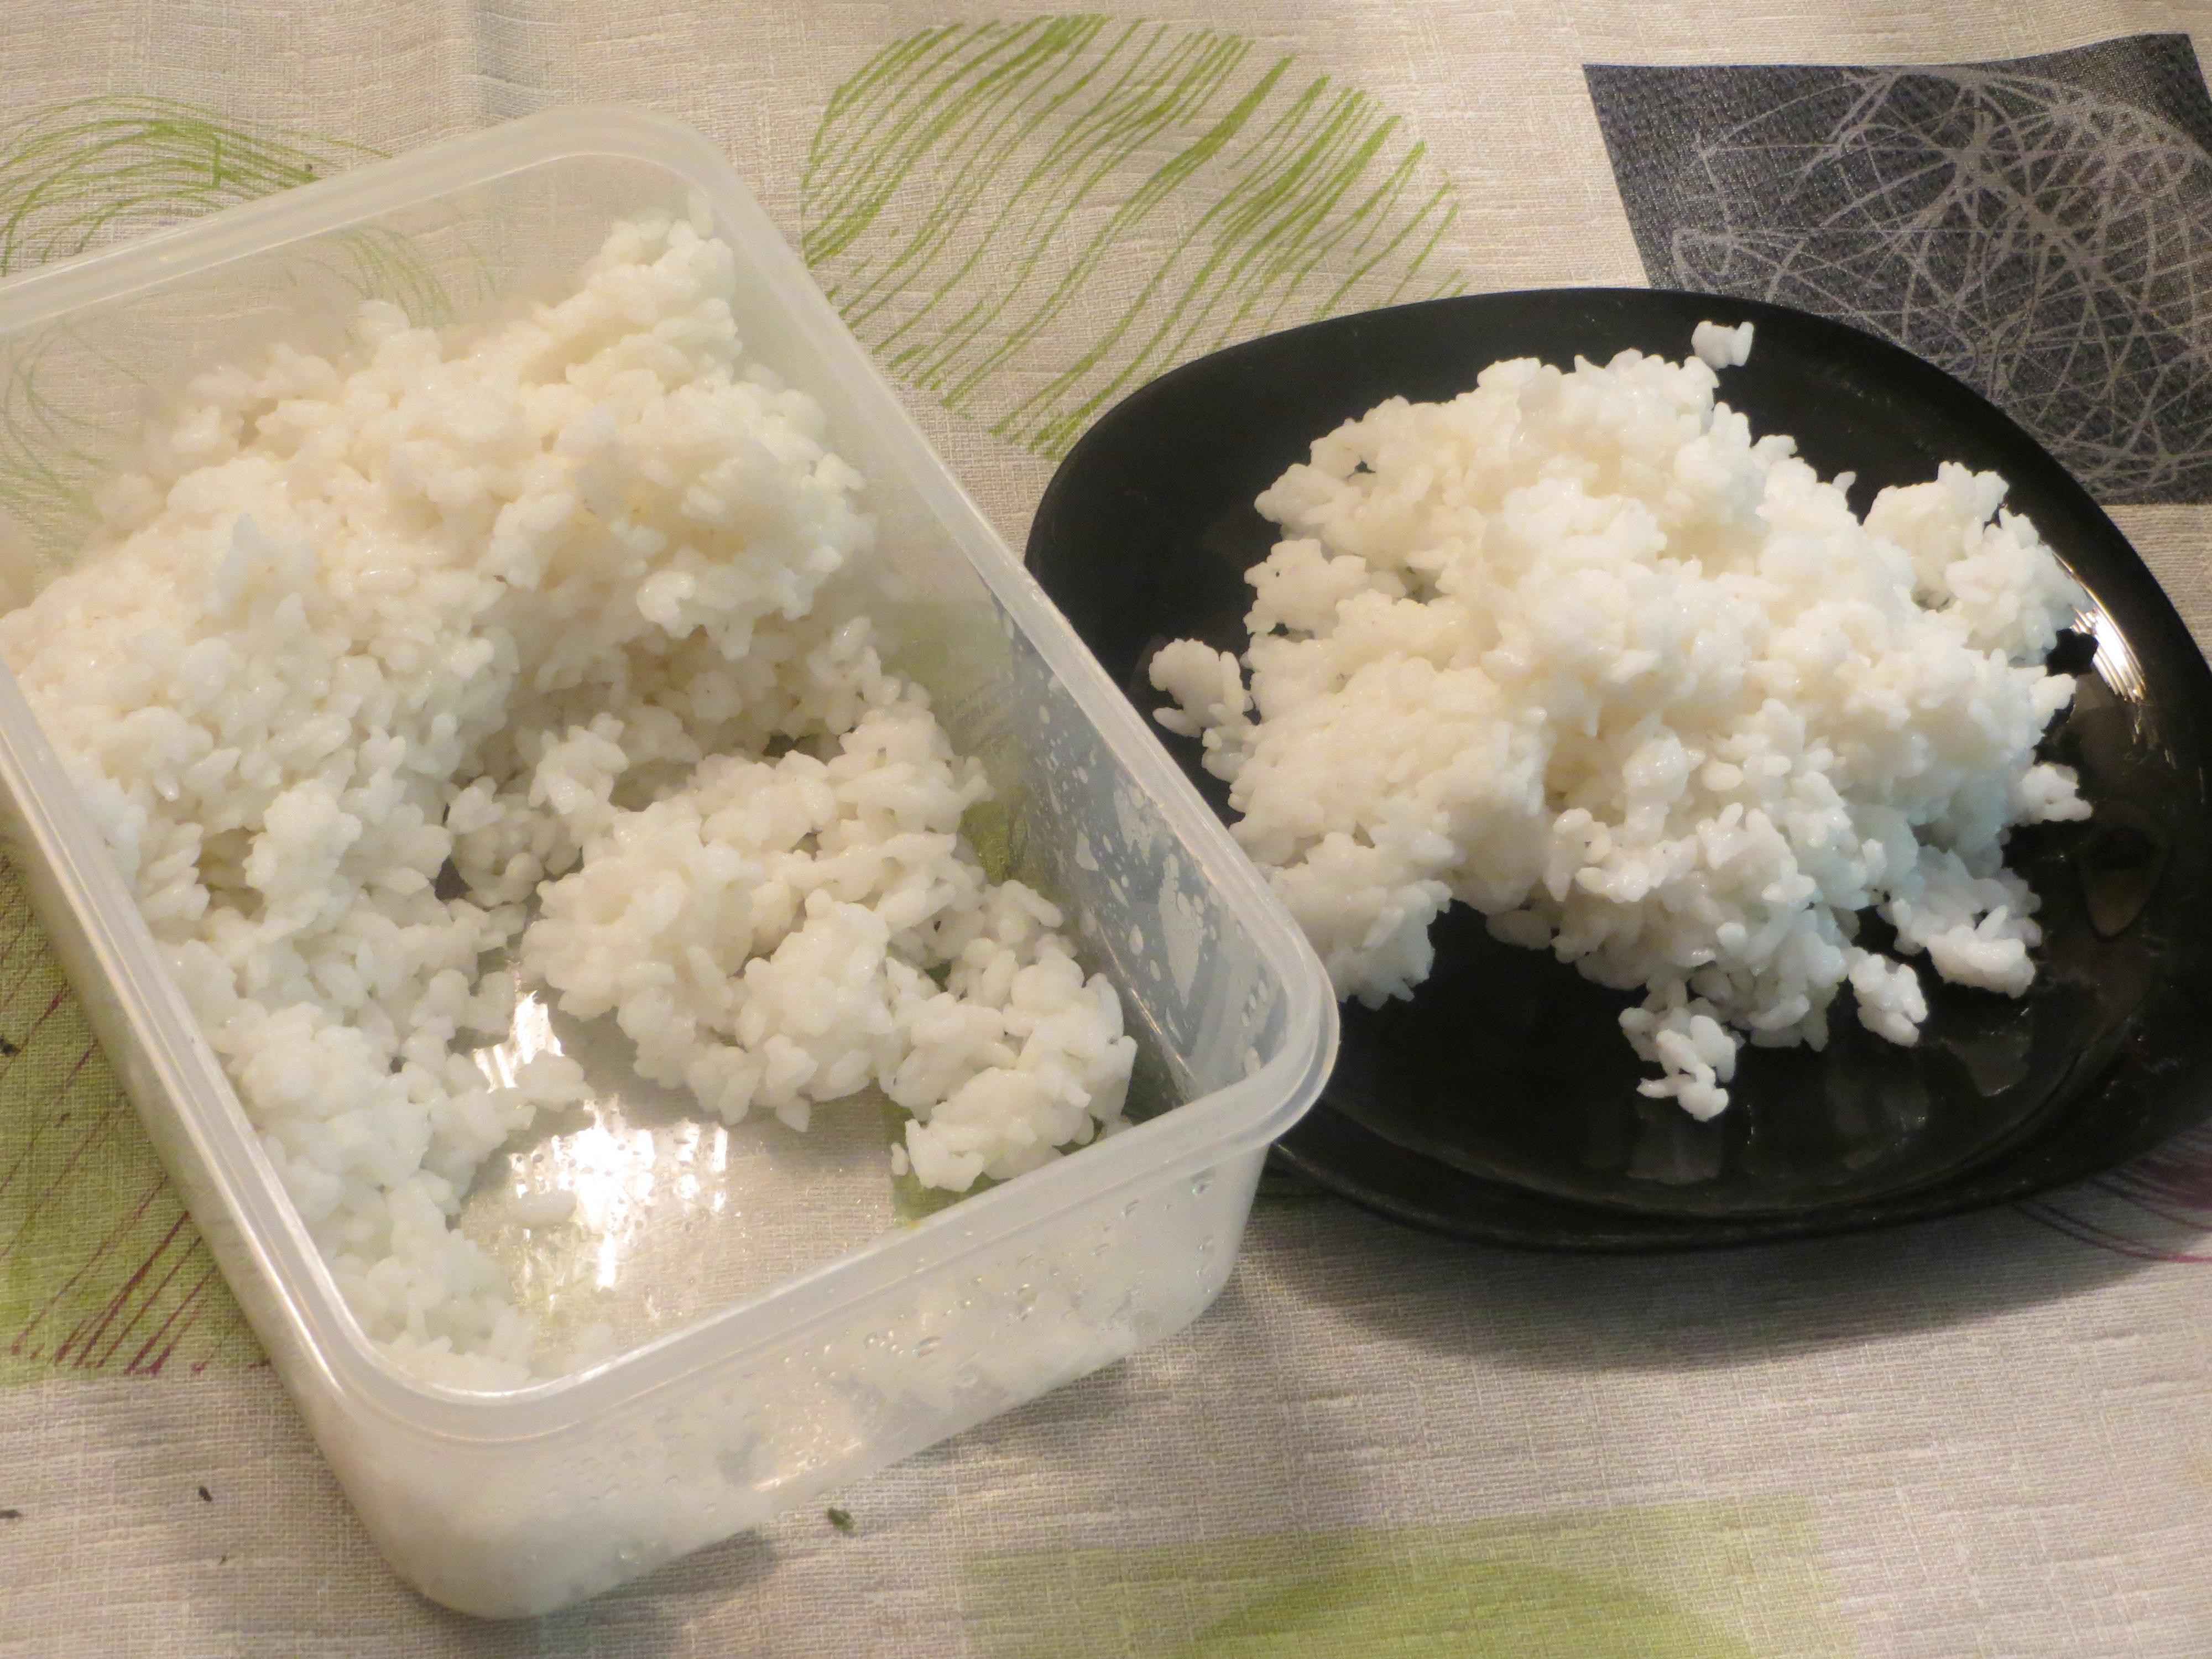 Jugando con fogones c mo hacer arroz para sushi for Como hacer arroz para sushi